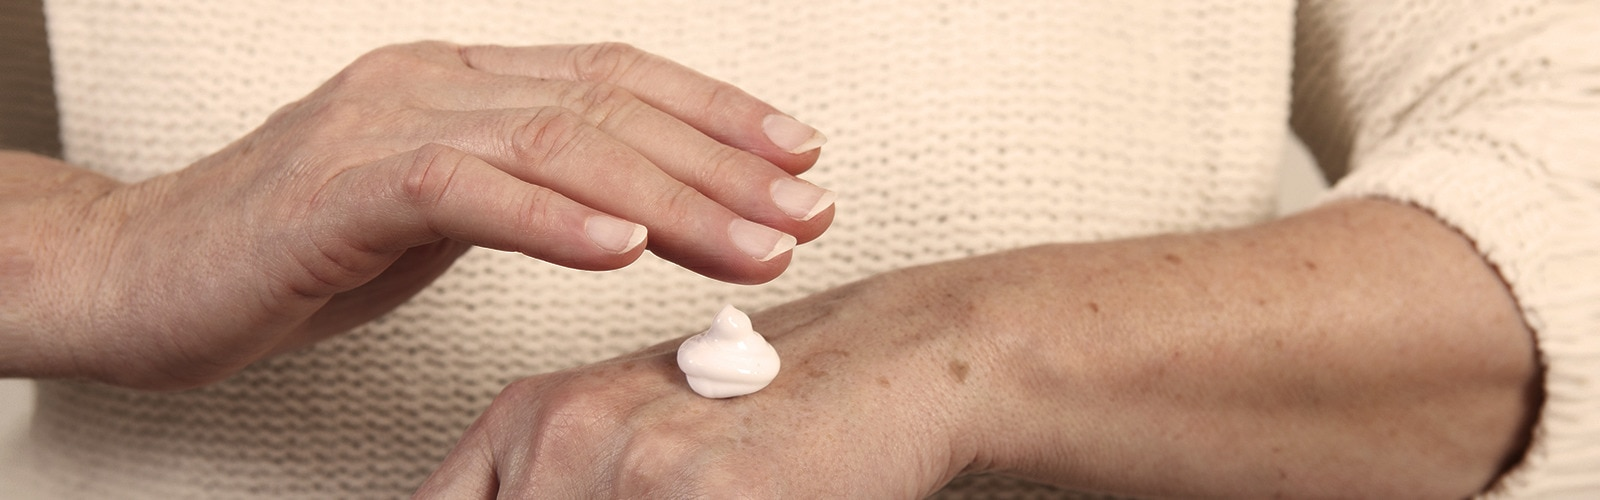 Äldre kvinna applicerar fuktkräm – hålla din närståendes hud frisk